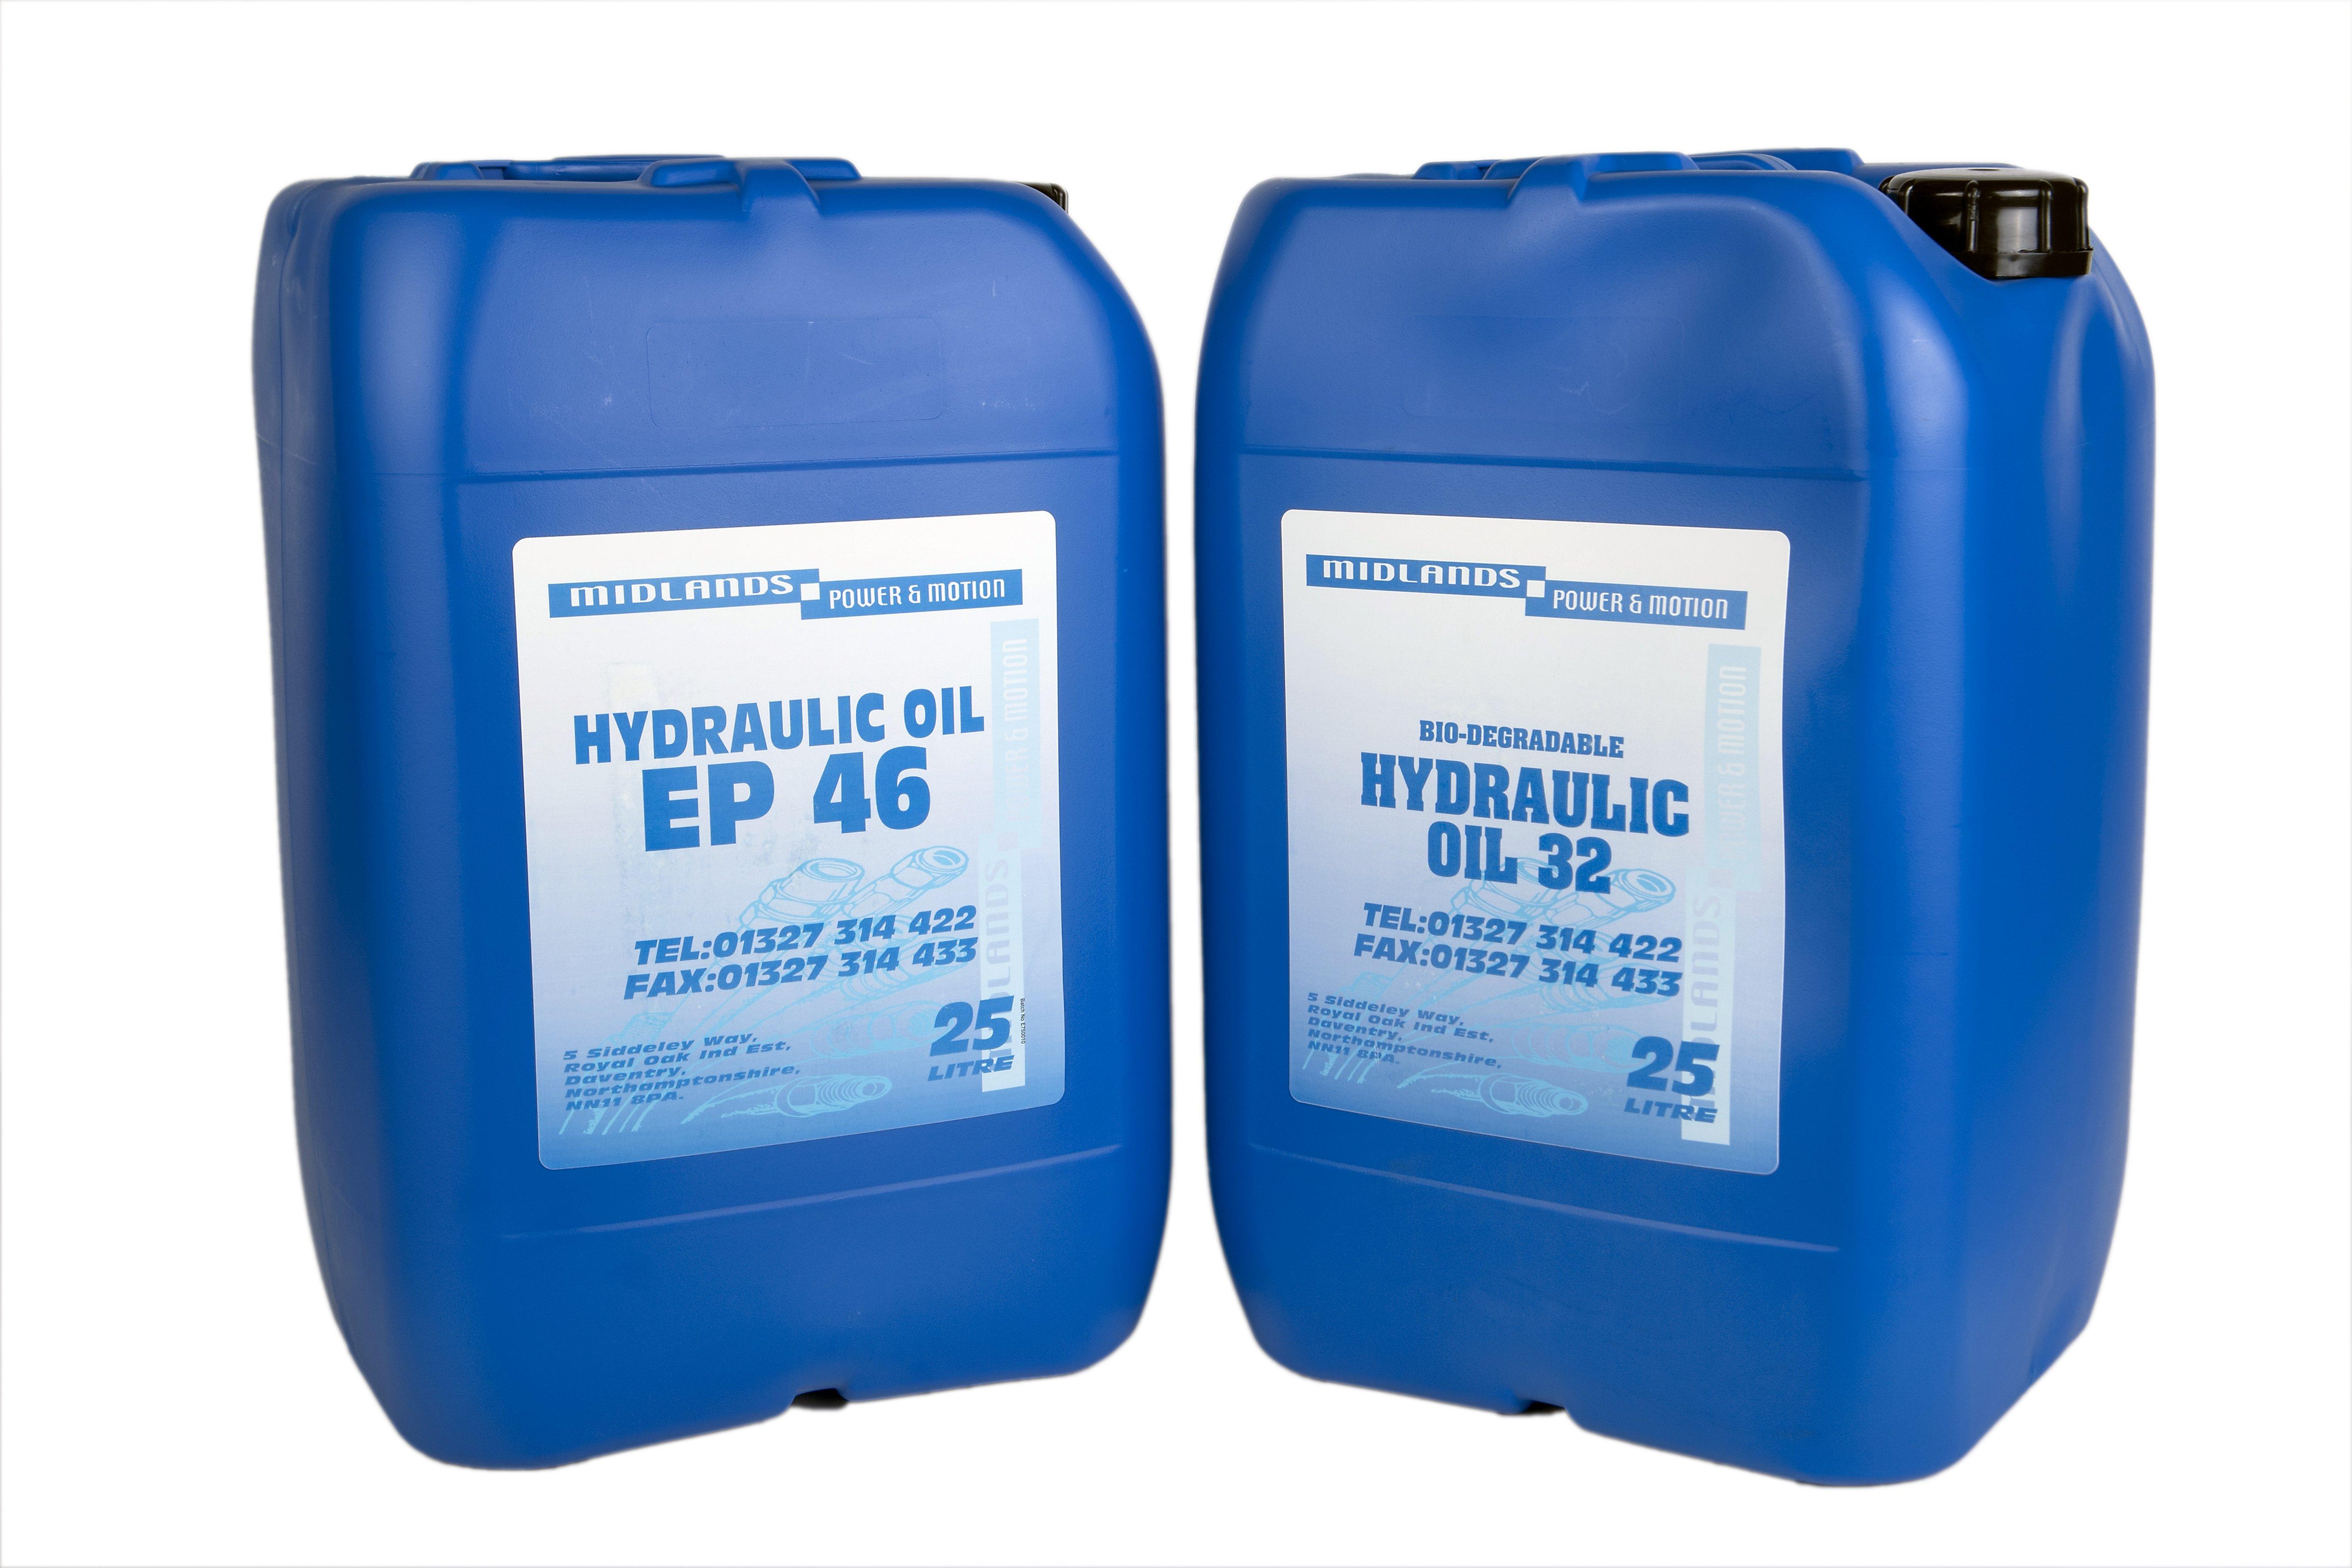 hydraulic oil cans